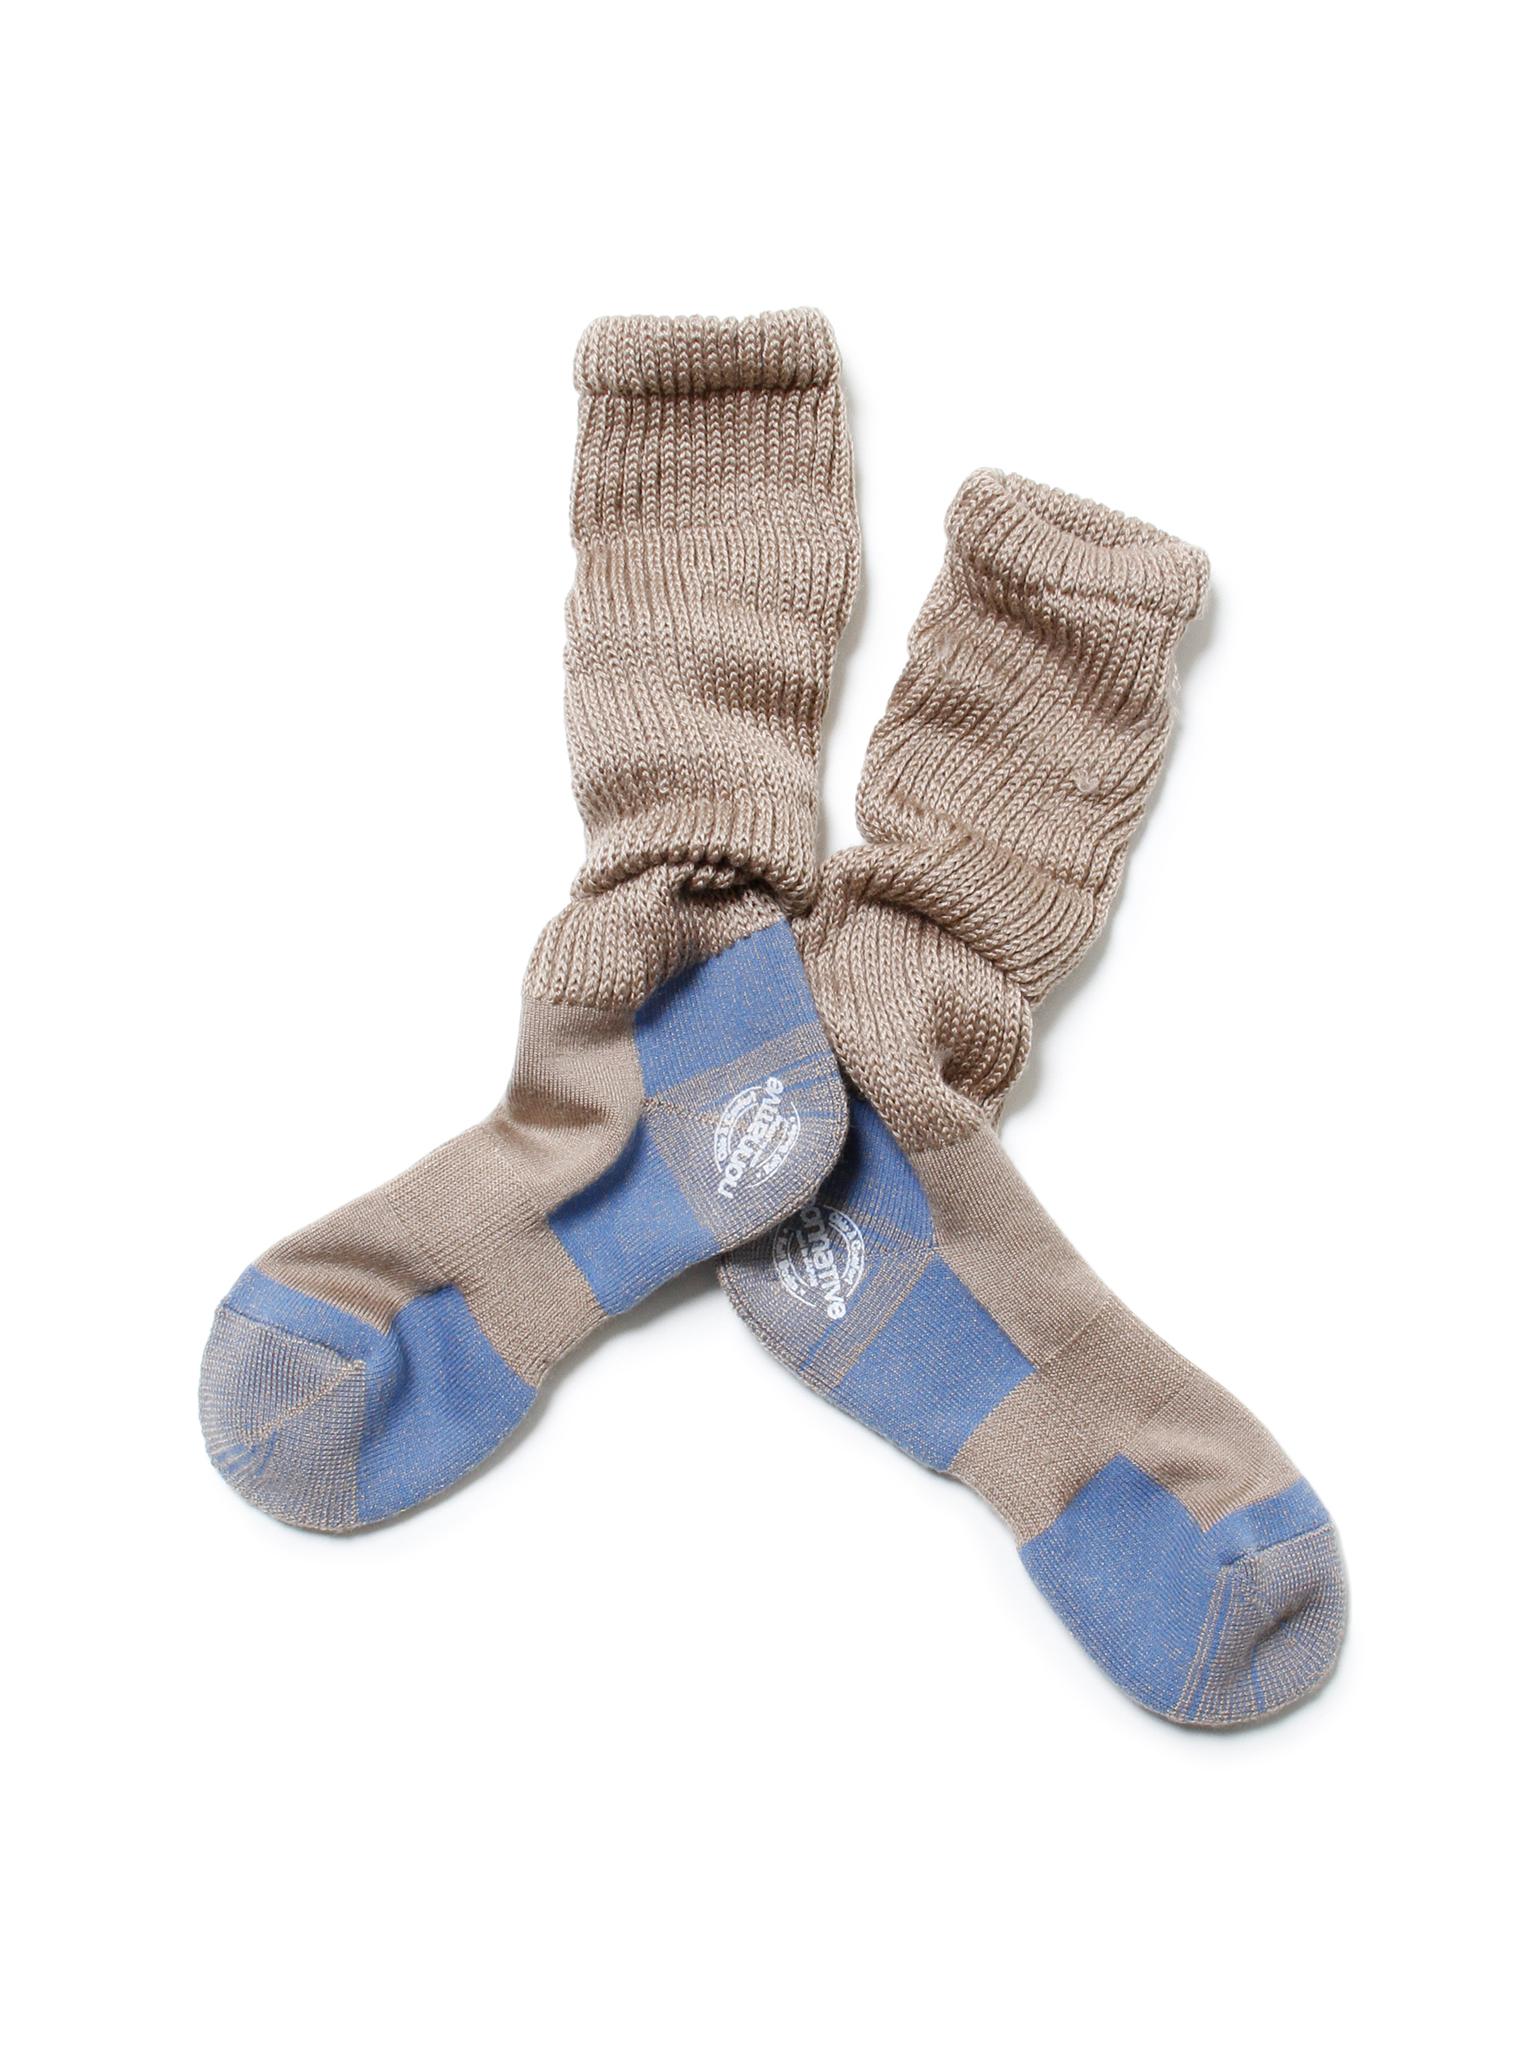 Nn Socks